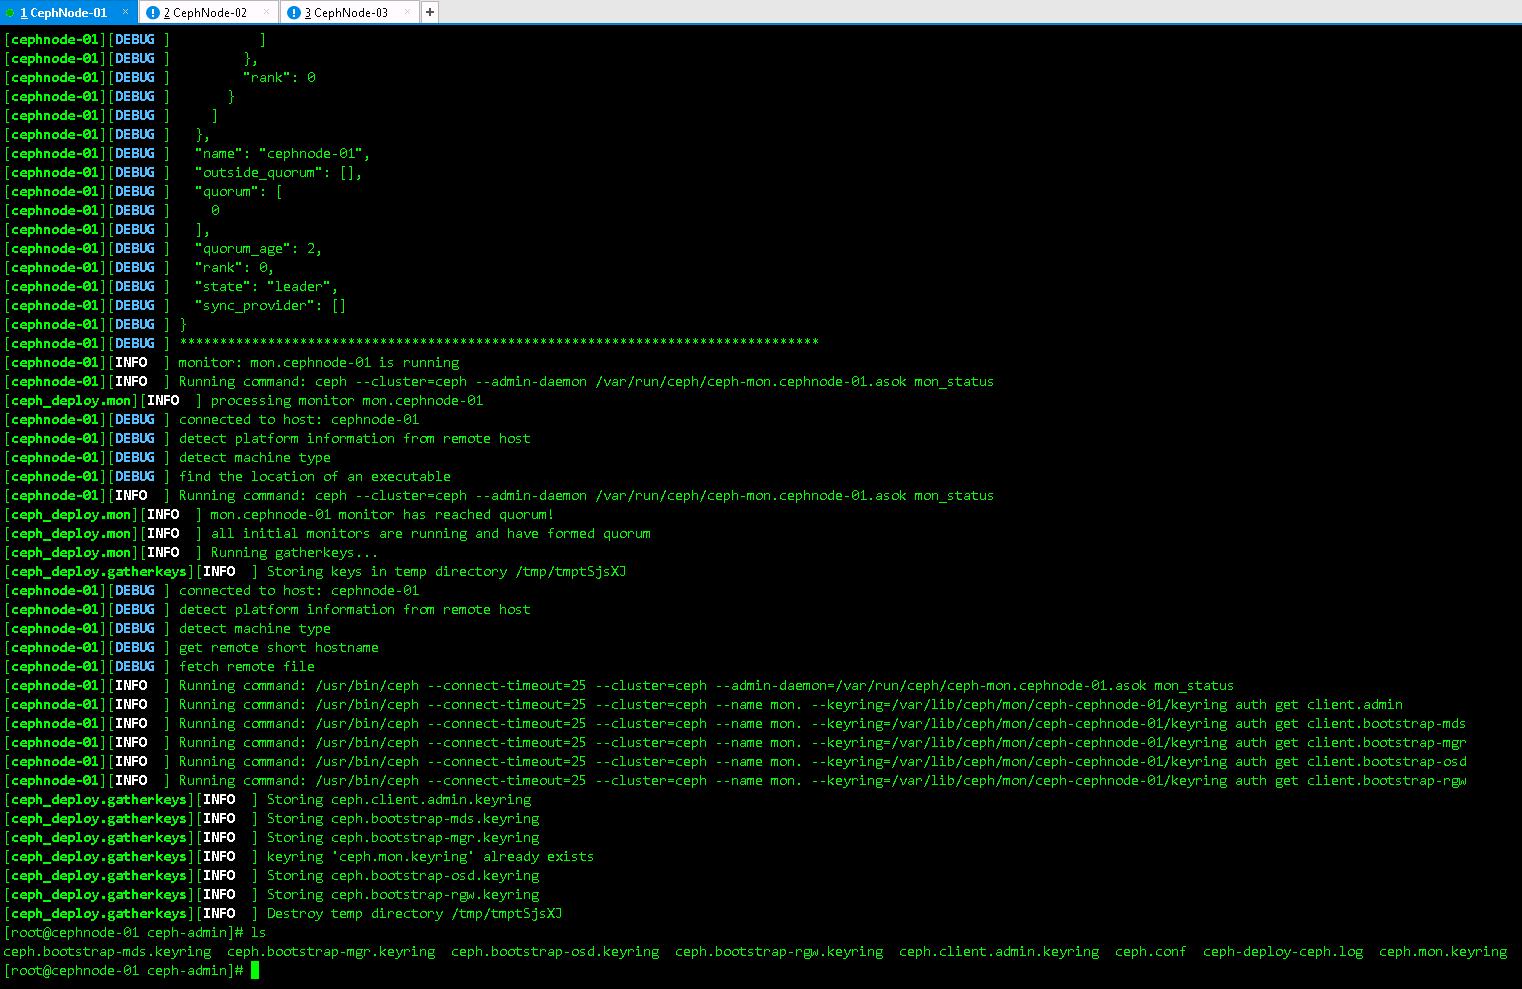 快速部署Ceph分布式存储高可用集群